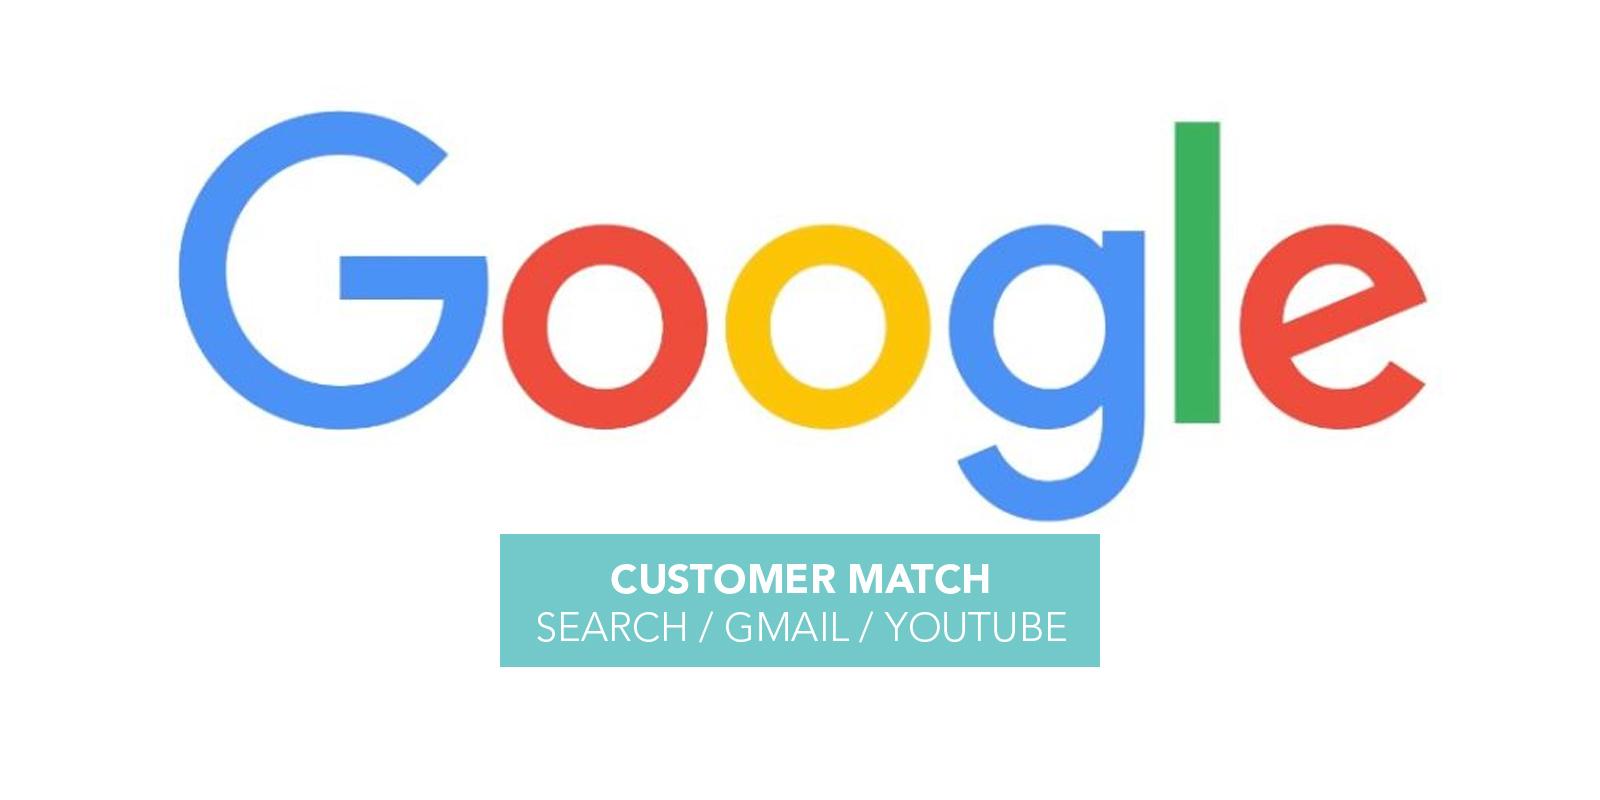 """Google âm thầm giới thiệu tính năng mới cho """"cài đặt nhắm mục tiêu từ khoá của mạng hiển thị"""""""